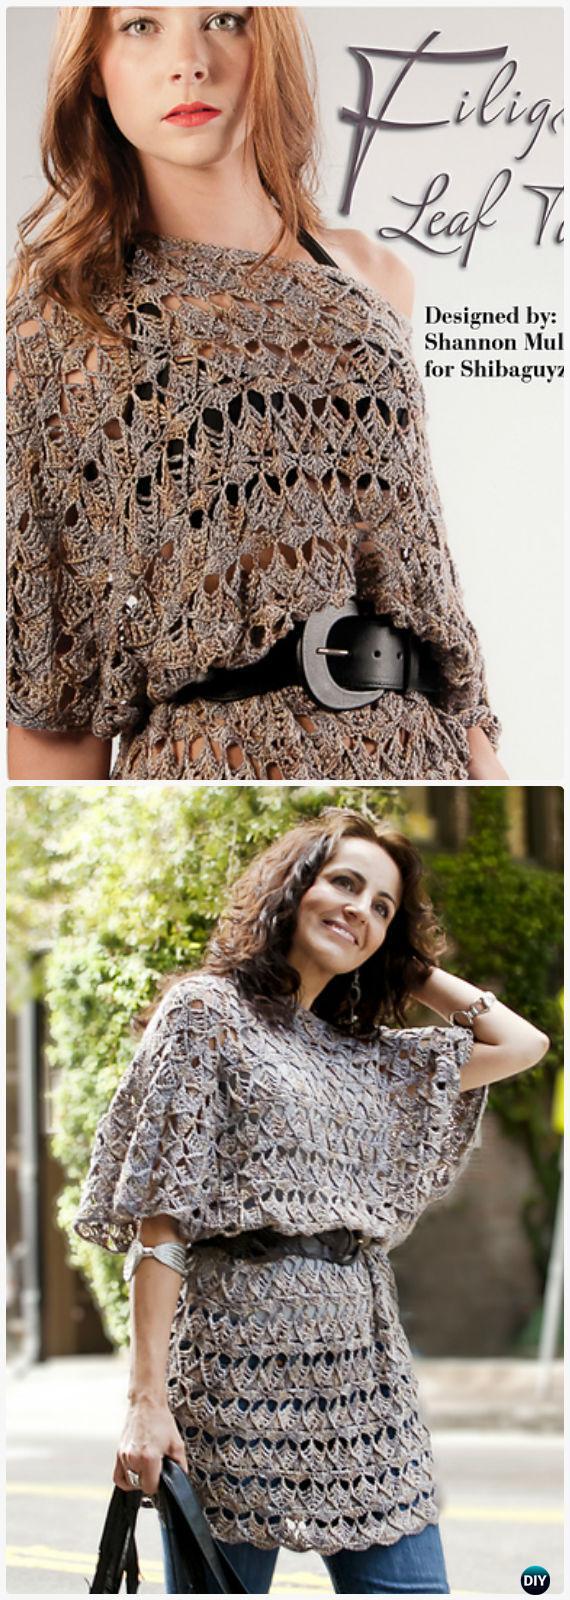 Crochet Filigree Leaf Tunic Free Pattern - Crochet Women Pullover Sweater Free Patterns